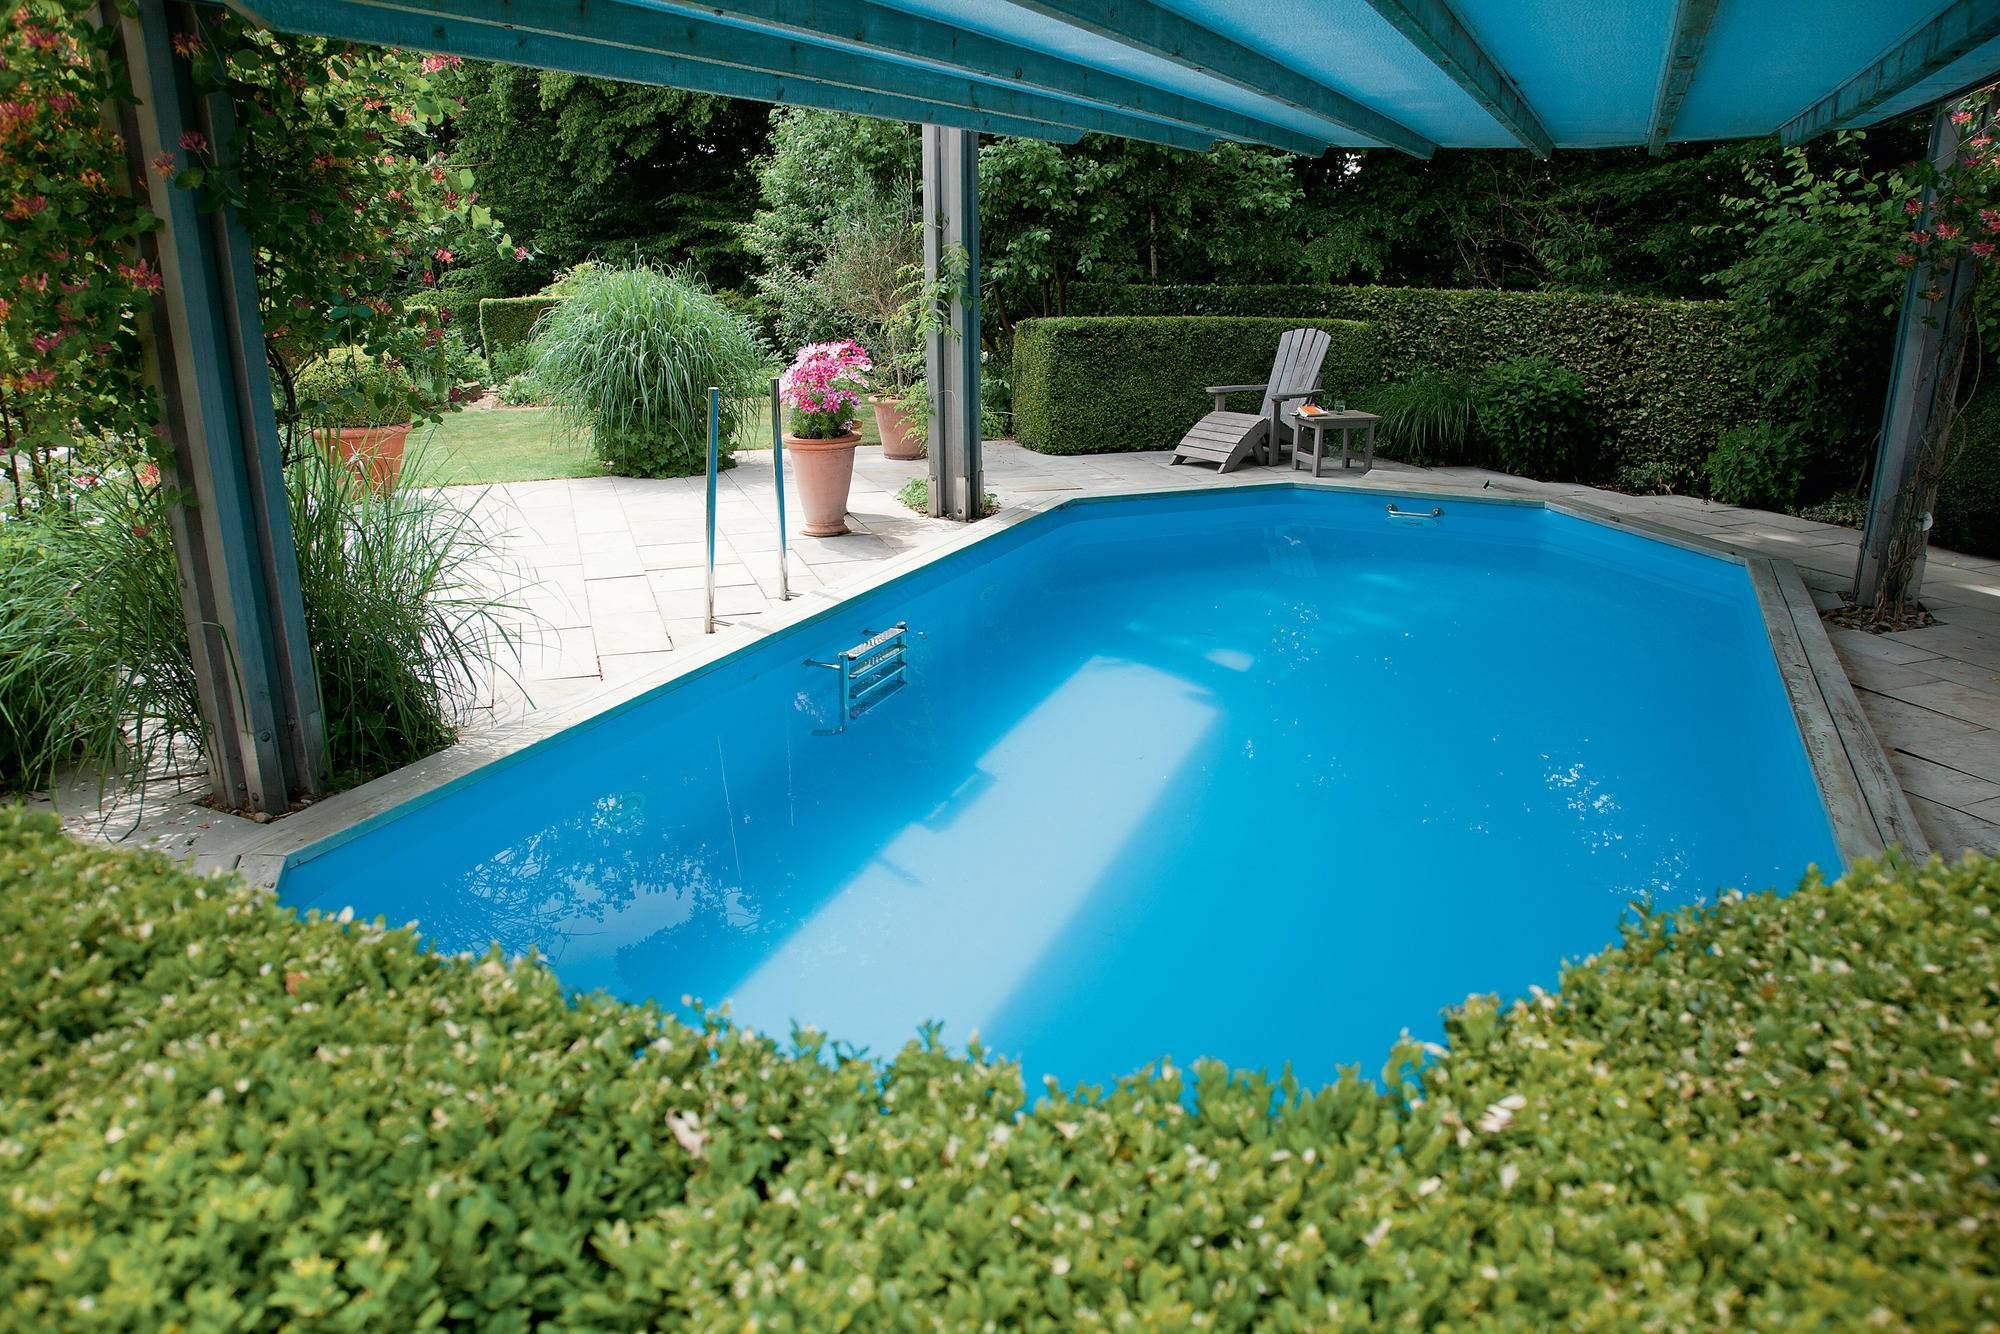 Pool Im Garten Genial Schwimmen Auf Engem Raum Pools In Kleine Gärten Bauen